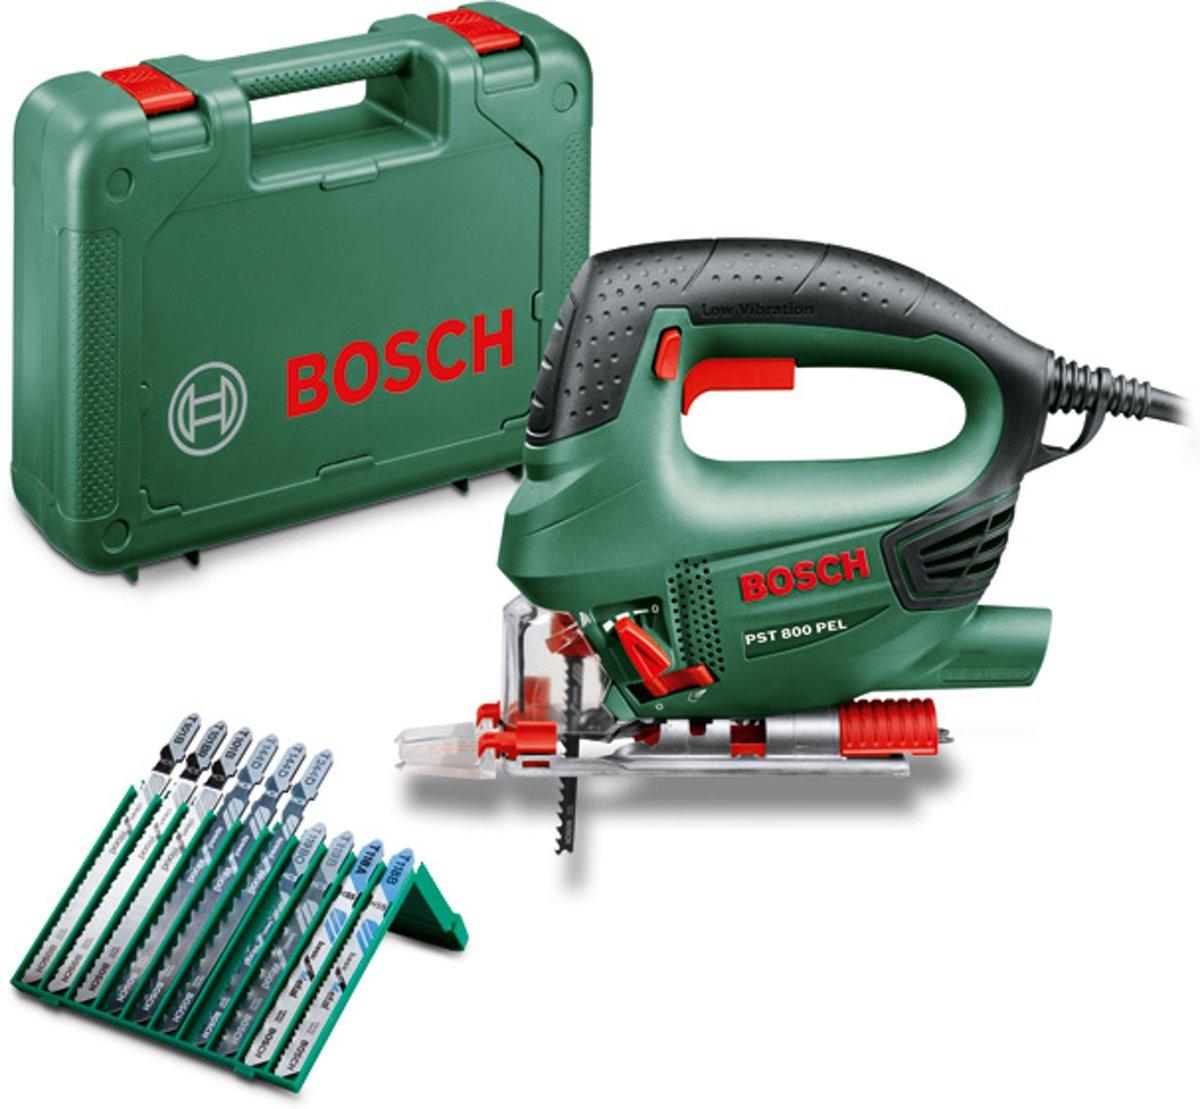 Bosch PST 800 PEL decoupeerzaag - 530 Watt - incl. kunststof koffer - gratis extra 10-delige zaagbladenset